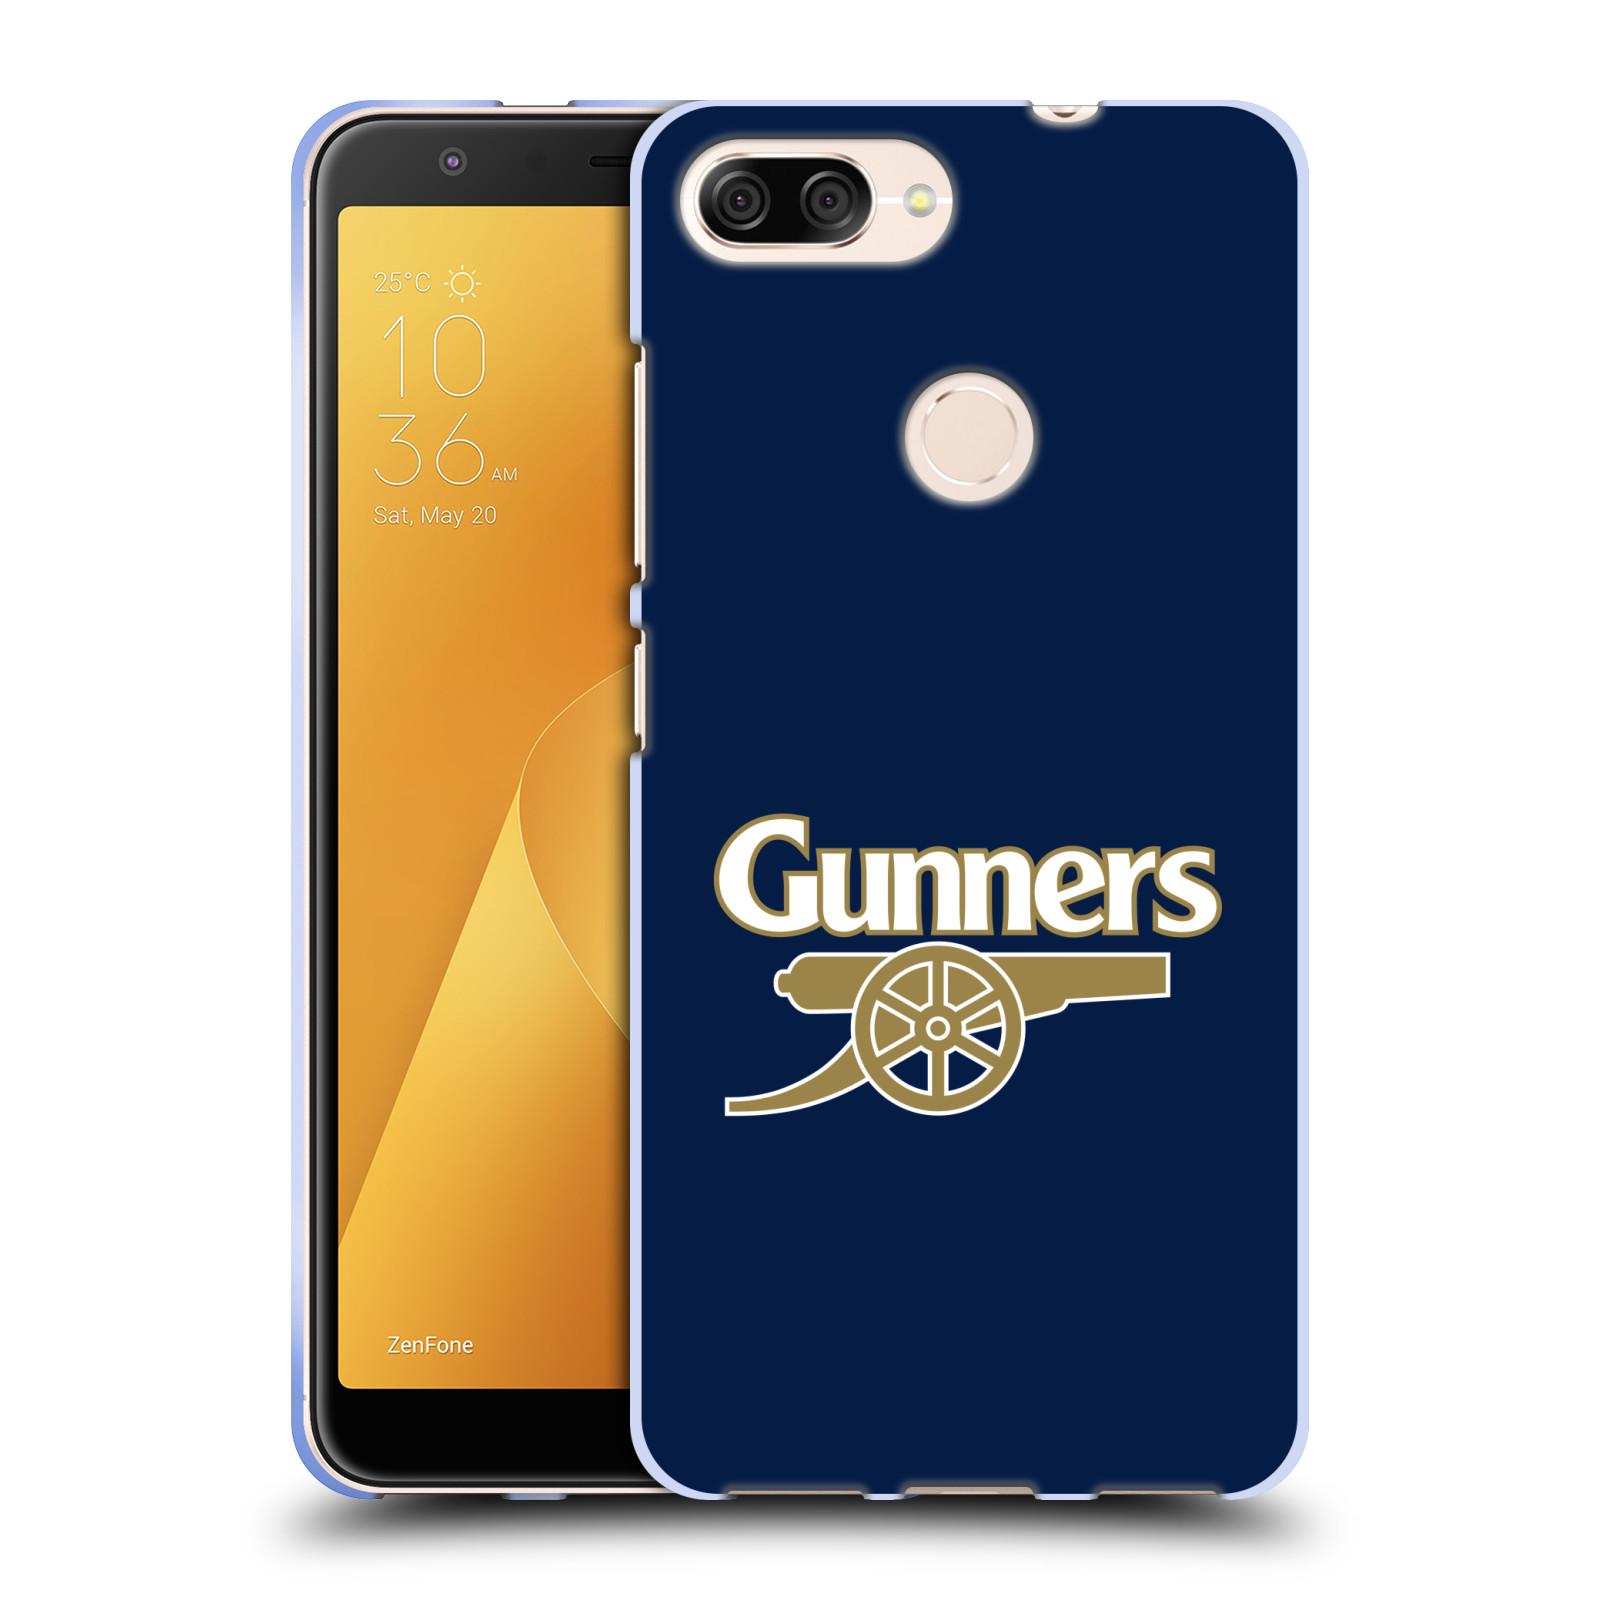 Silikonové pouzdro na mobil Asus ZenFone Max Plus (M1) - Head Case - Arsenal FC - Gunners